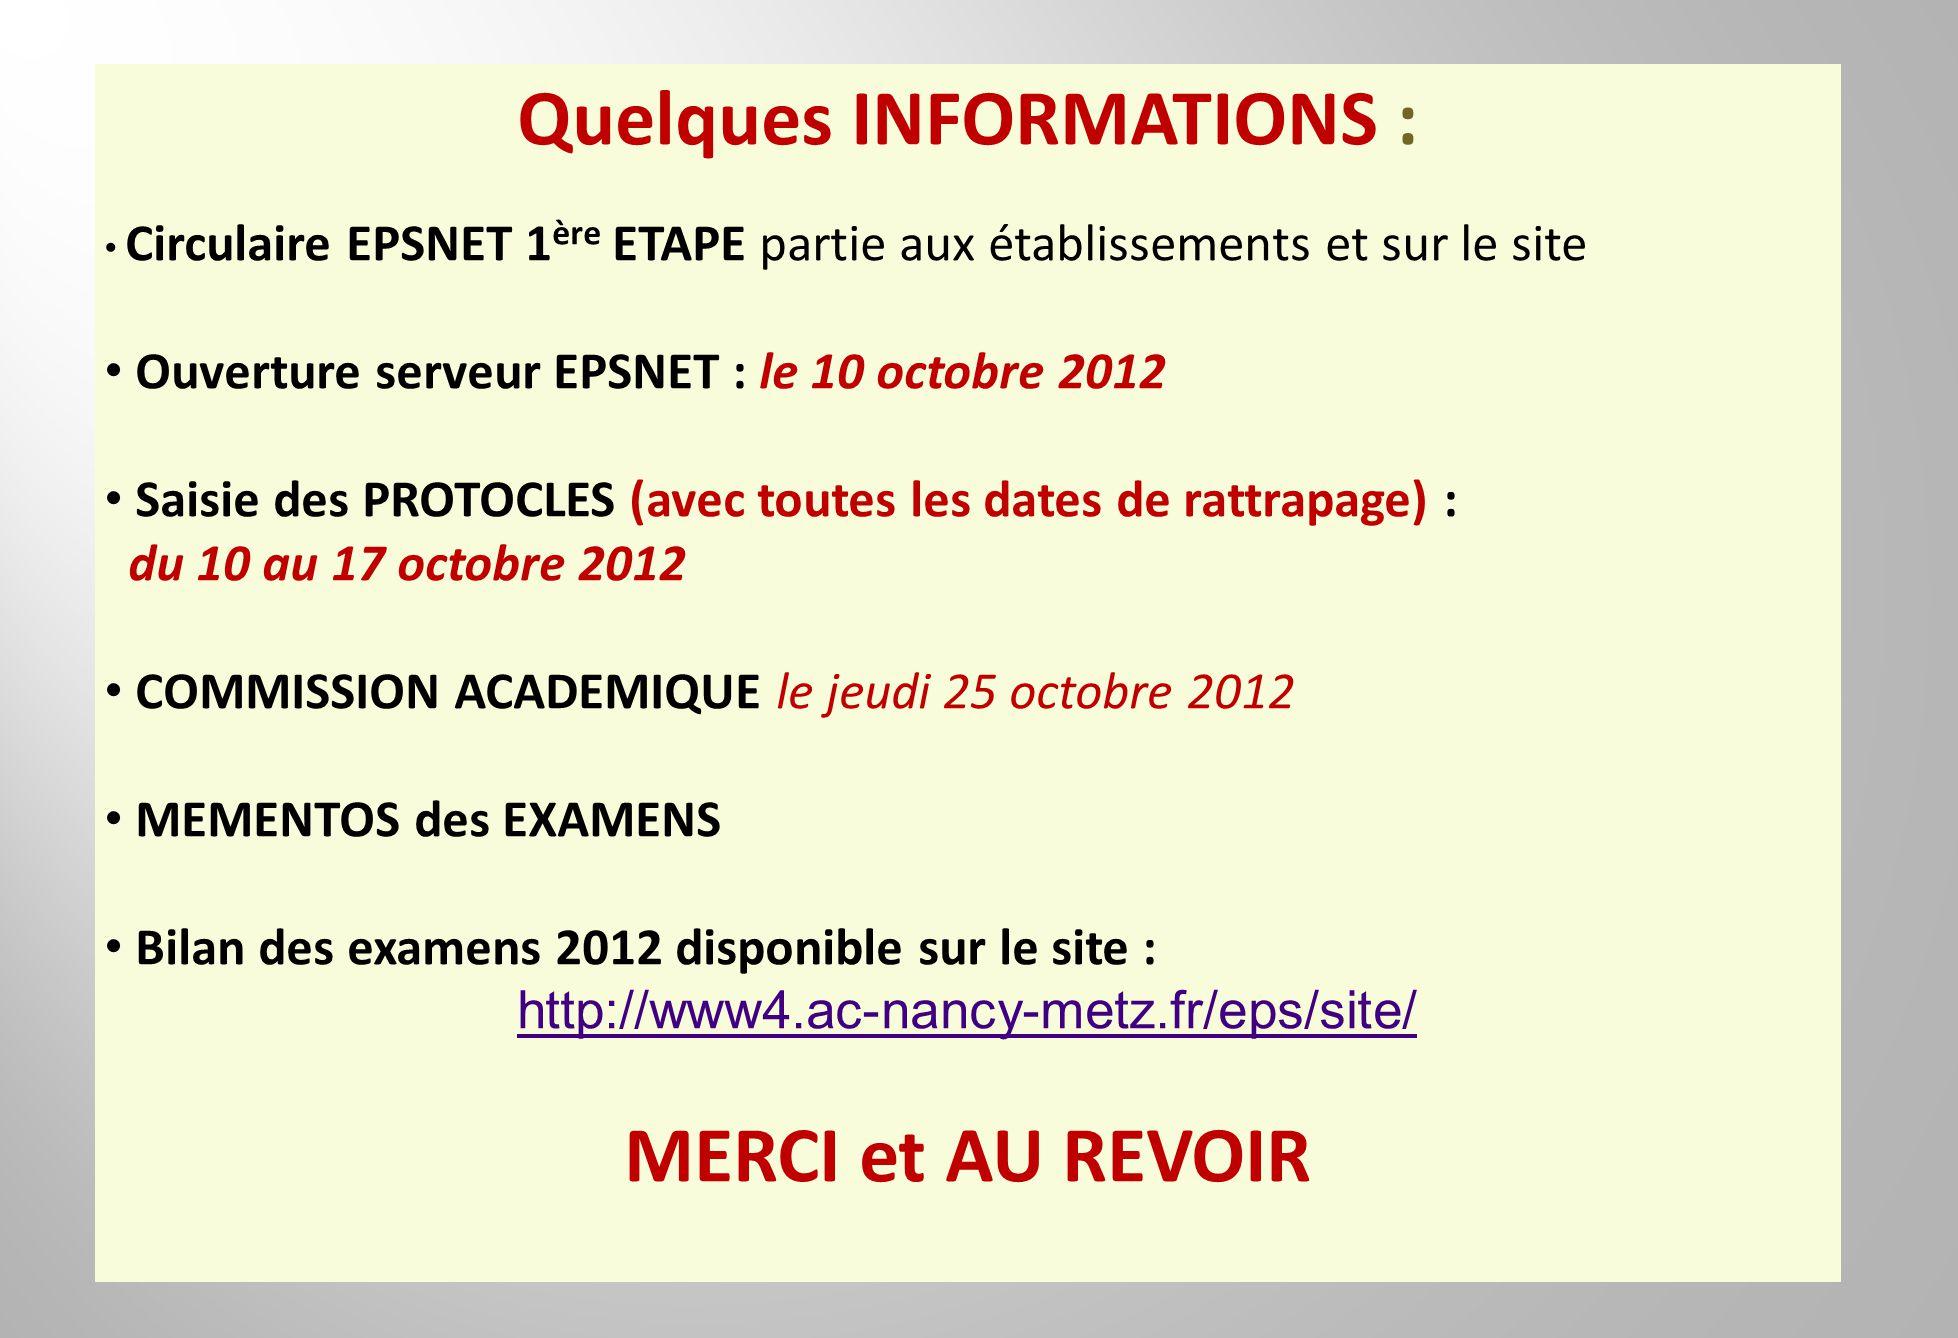 Quelques INFORMATIONS : Circulaire EPSNET 1 ère ETAPE partie aux établissements et sur le site Ouverture serveur EPSNET : le 10 octobre 2012 Saisie de